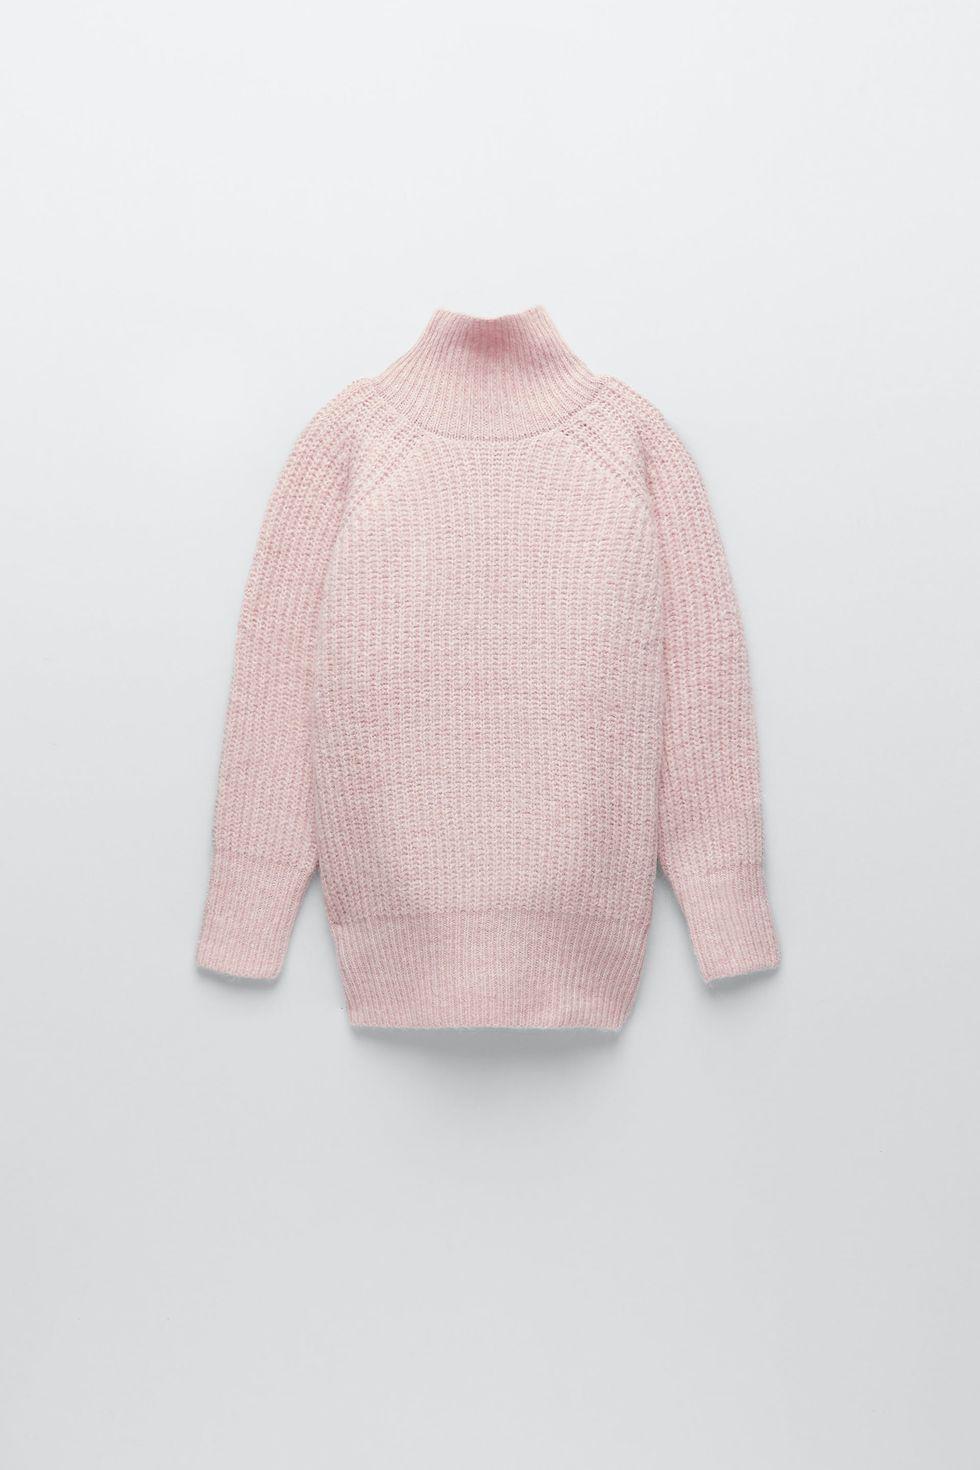 Ροζ πουλόβερ, Zara.